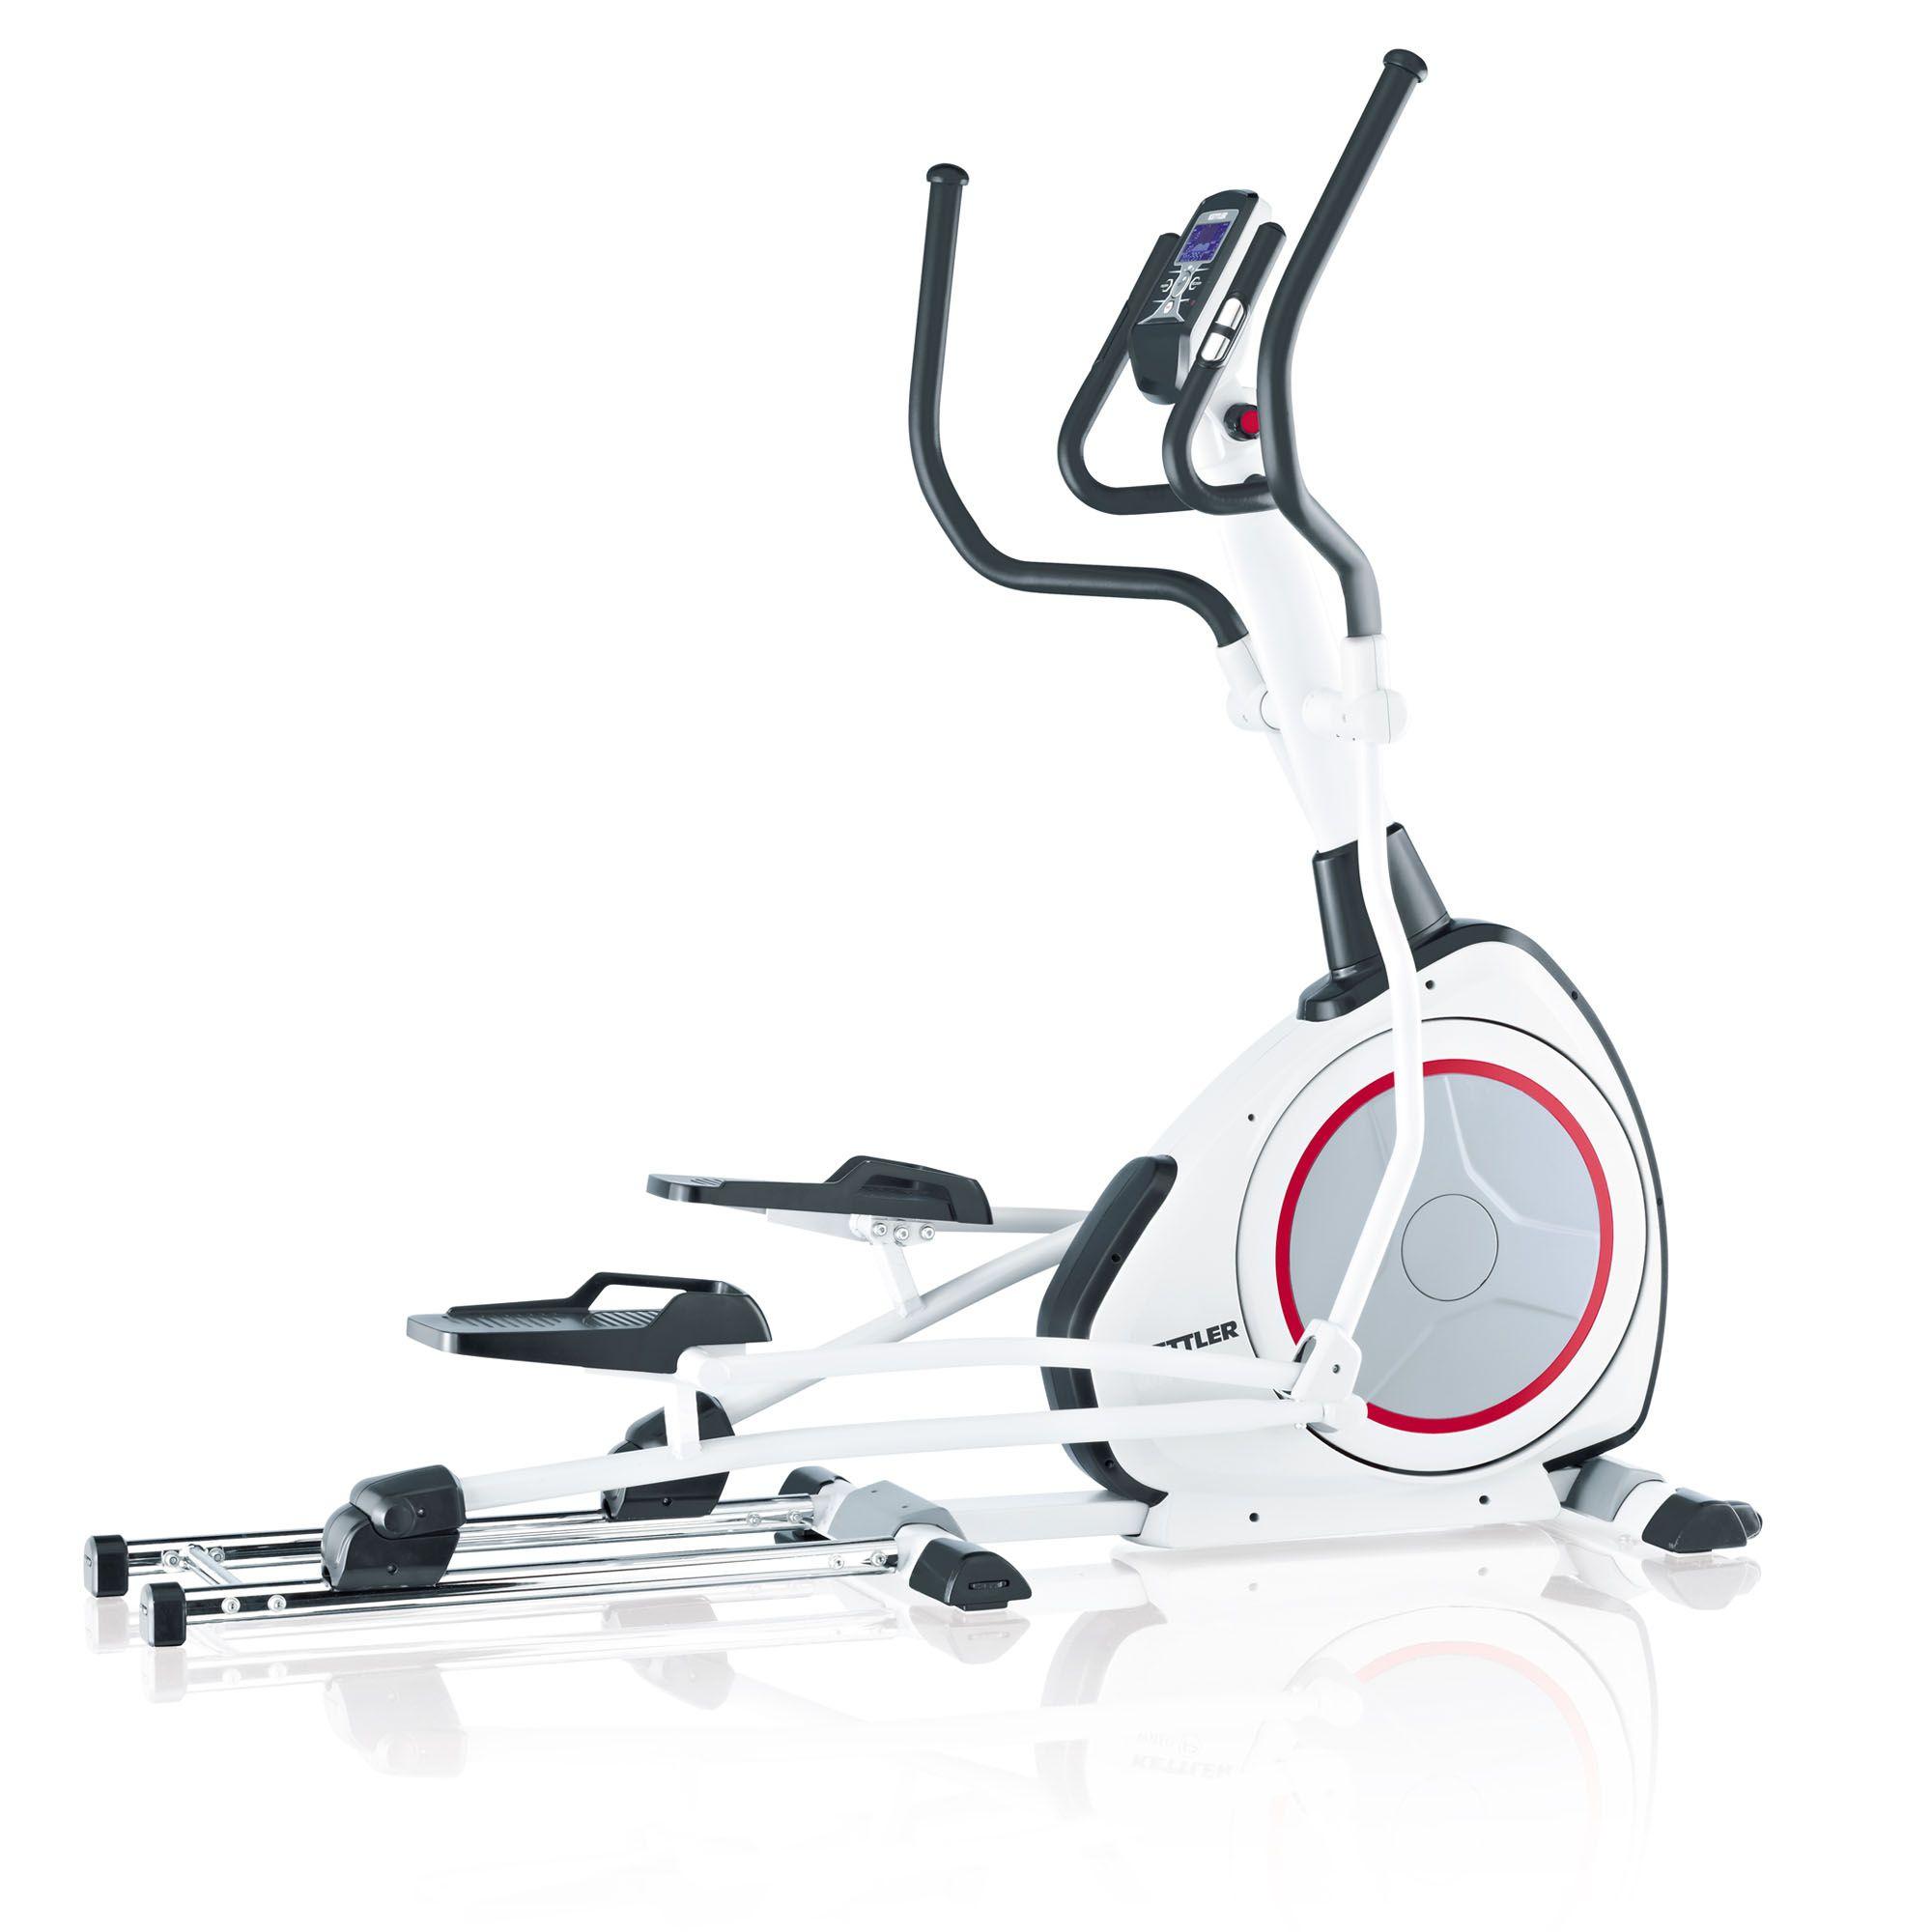 kettler elyx 1 elliptical cross trainer. Black Bedroom Furniture Sets. Home Design Ideas